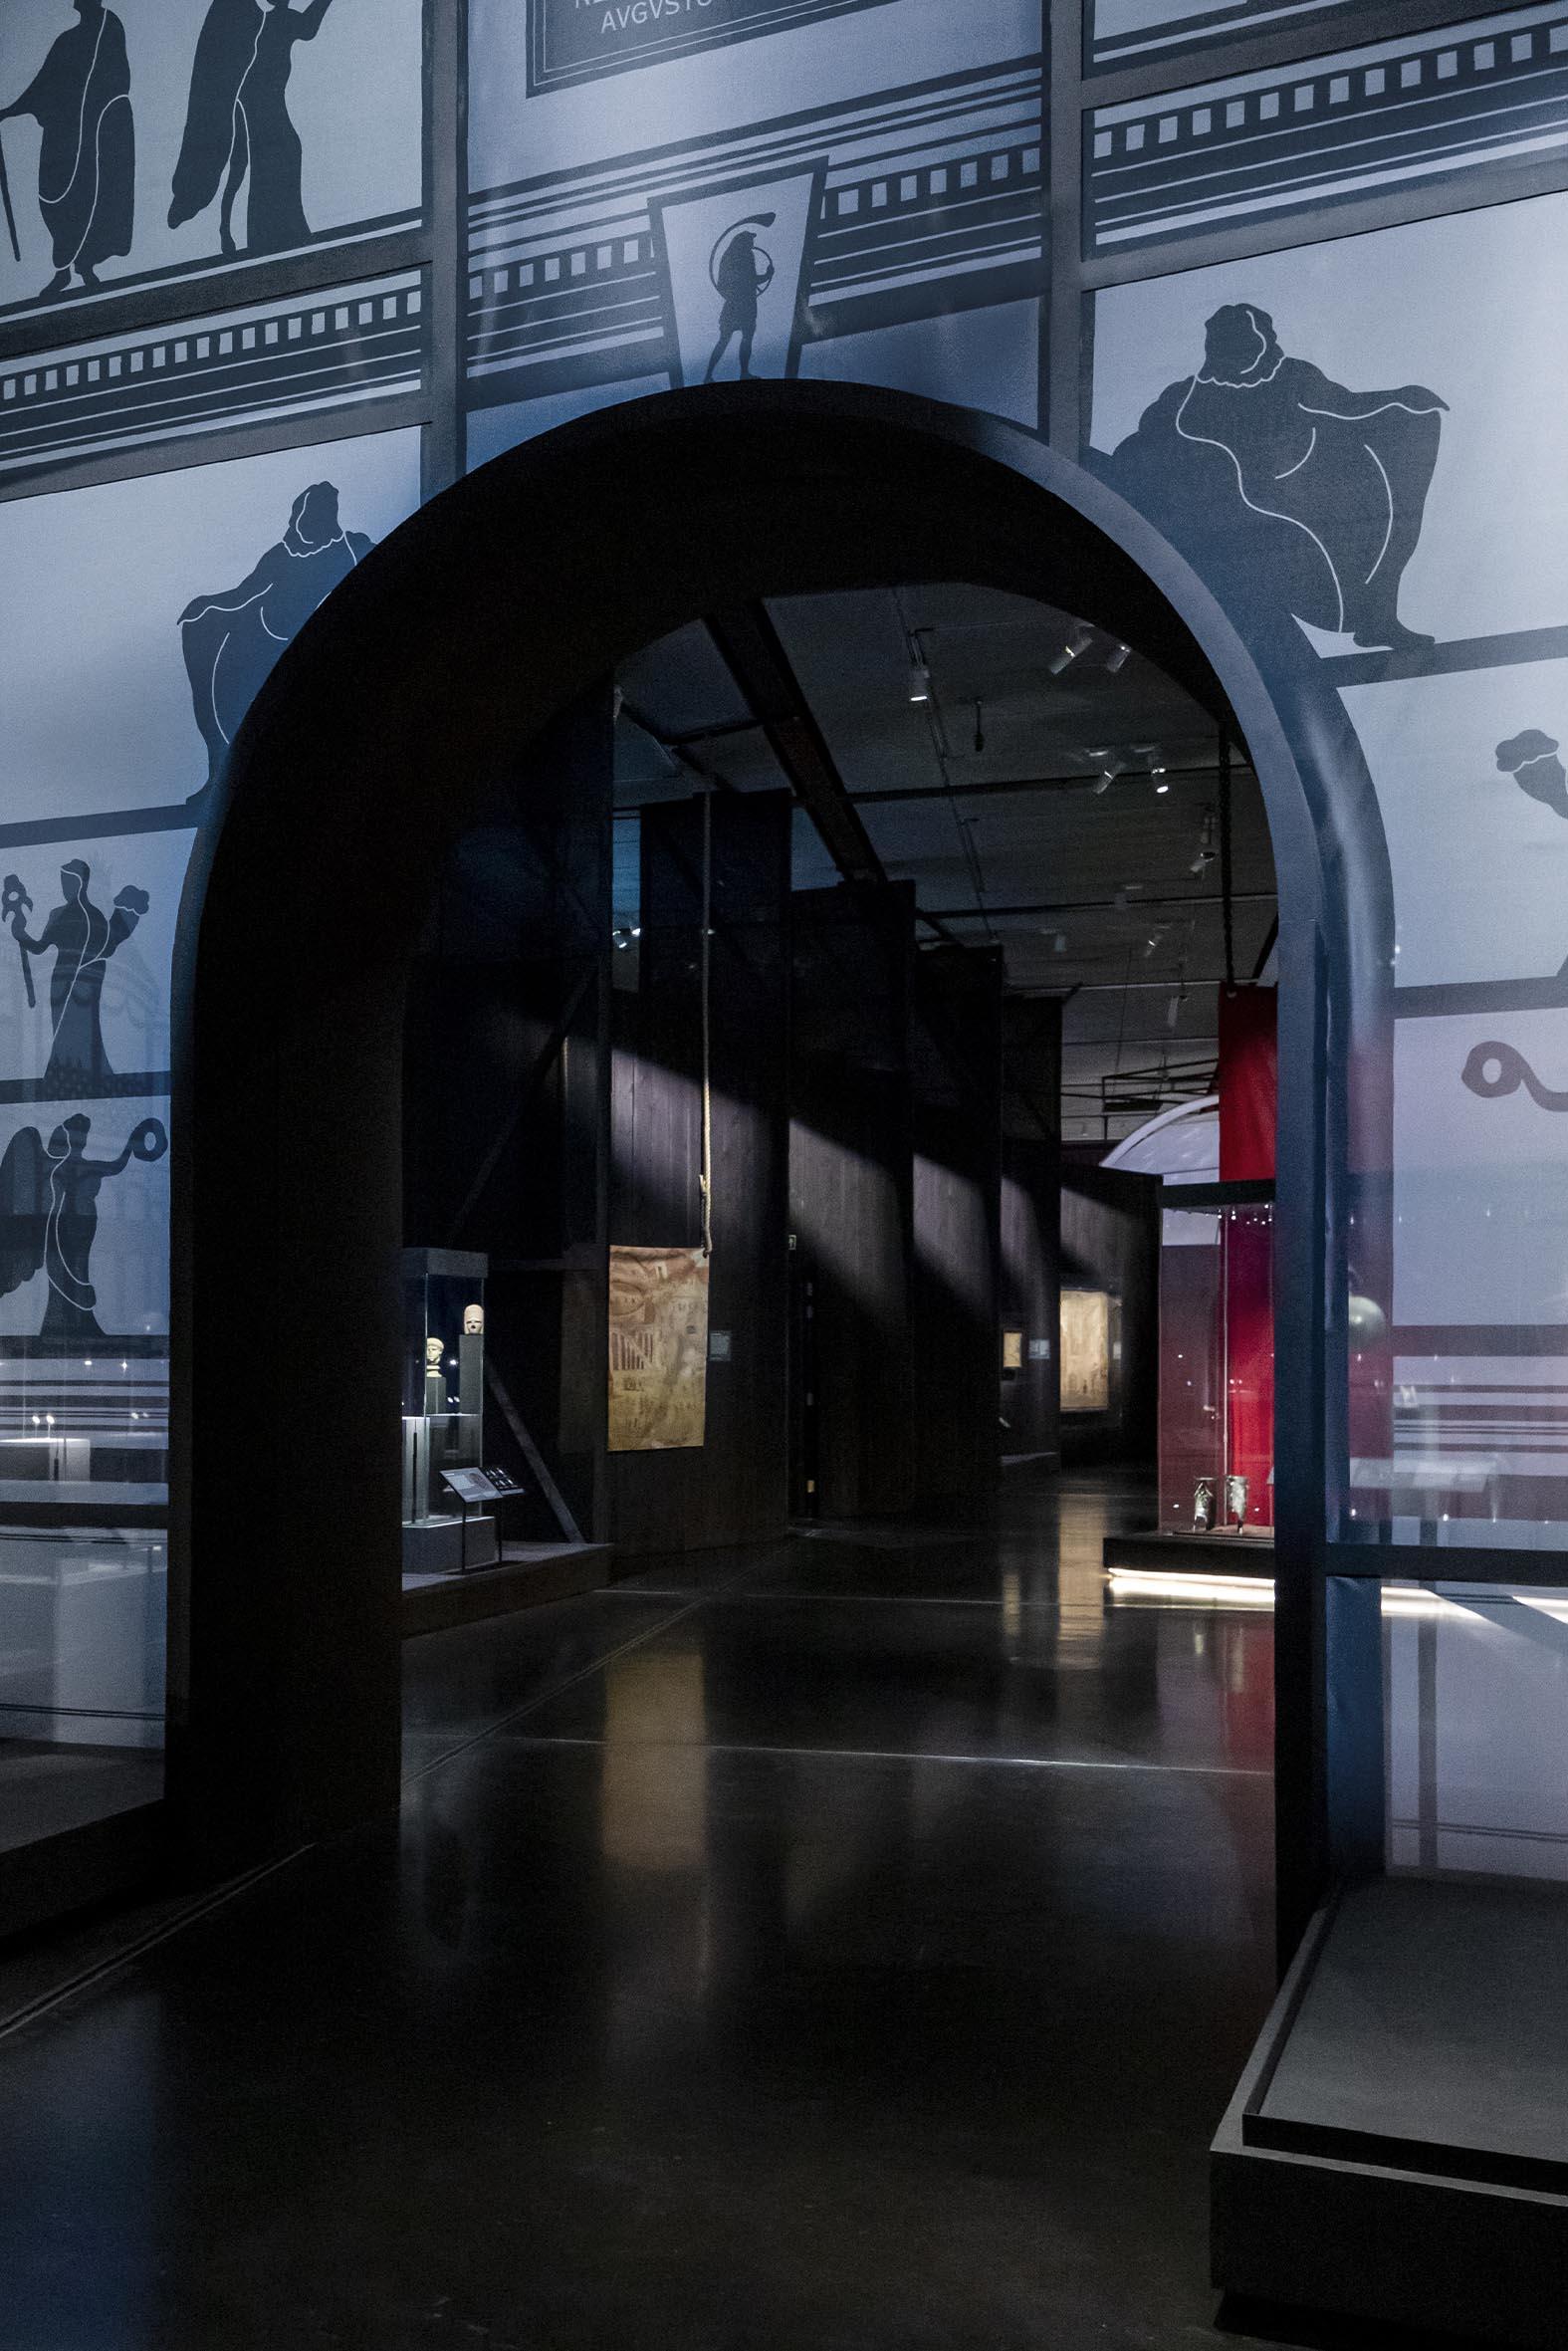 lombaertstudio_british_museum_neroexhibition_11